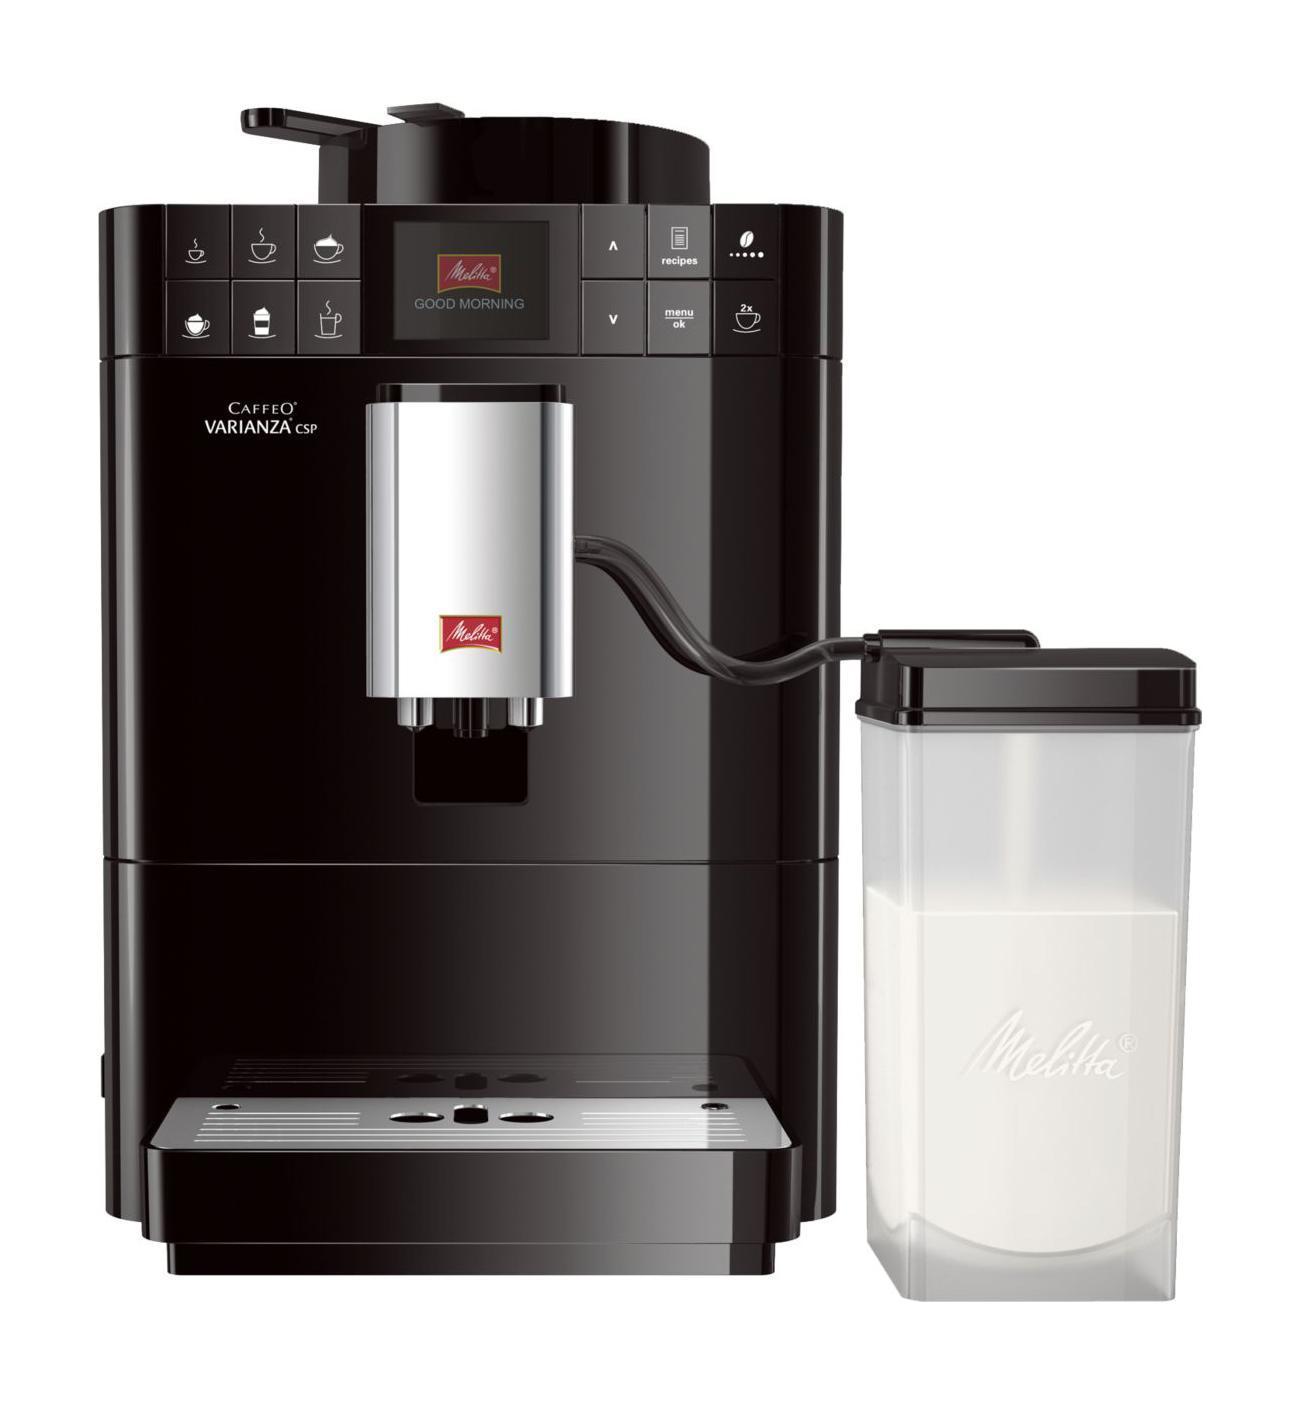 Melitta Caffeo F 570-102 Varianza CSP, Black кофемашина6708795MISSION eco & care Мы разработали лэйбл, который помогает потребителям в выборе продукции, гарантирующей ощутимое наслаждение. В основе данного лэйбла лежит разработанная нами система ценностей My Bean Select My Bean Select от Melitta позволяет Вам свободно выбирать тип зерна из всего многообразия, доступного с каждой новой чашкой кофе. Наряду со стандартным контейнером для зерен, эта инновация даст Вам возможность попробовать различные типы зерен для каждой новой чашки. Это действительно просто с практичной мерной ложечкой, входящей в комплект Система Best Aroma System PLUS ечать Aromasafe на контейнере для зерен означает, что вкус и аромат кофейных зерен надежно сохранены. Функция Bean to Cup обеспечивает помол и варку только того количества зерен, которое Вам необходимо. Кофемолка работает до полного опустошения, тем самым предотвращая смешивание различных сортов зерен. Уникальные процессы предварительного...